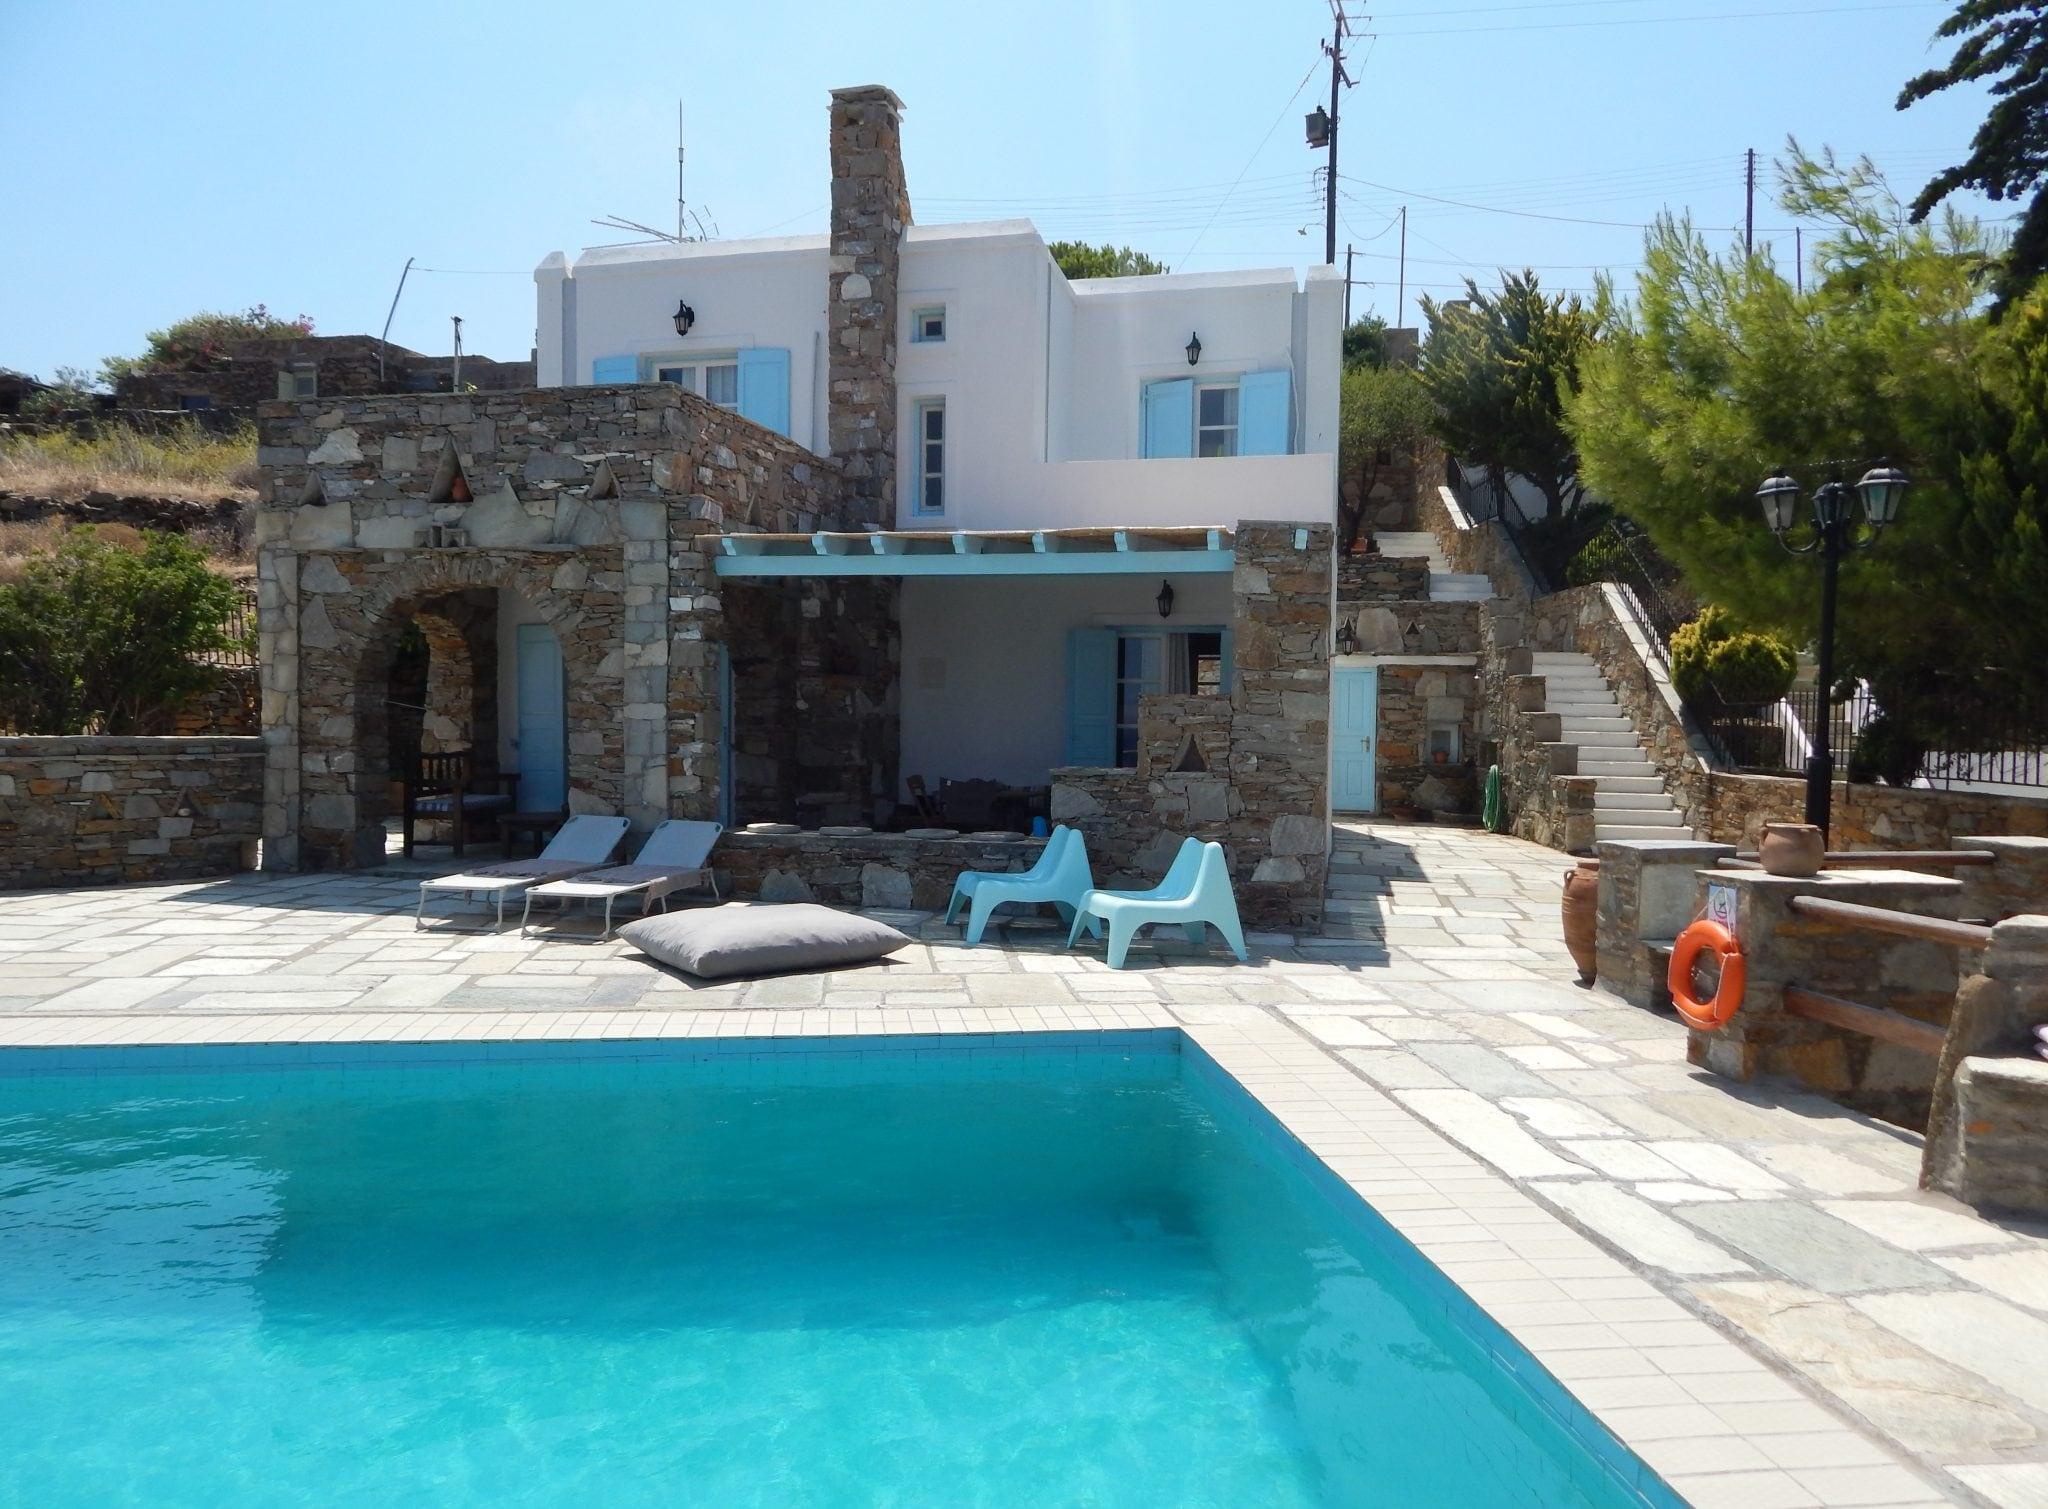 Maison, Kythnos - Ref GR-4725-S